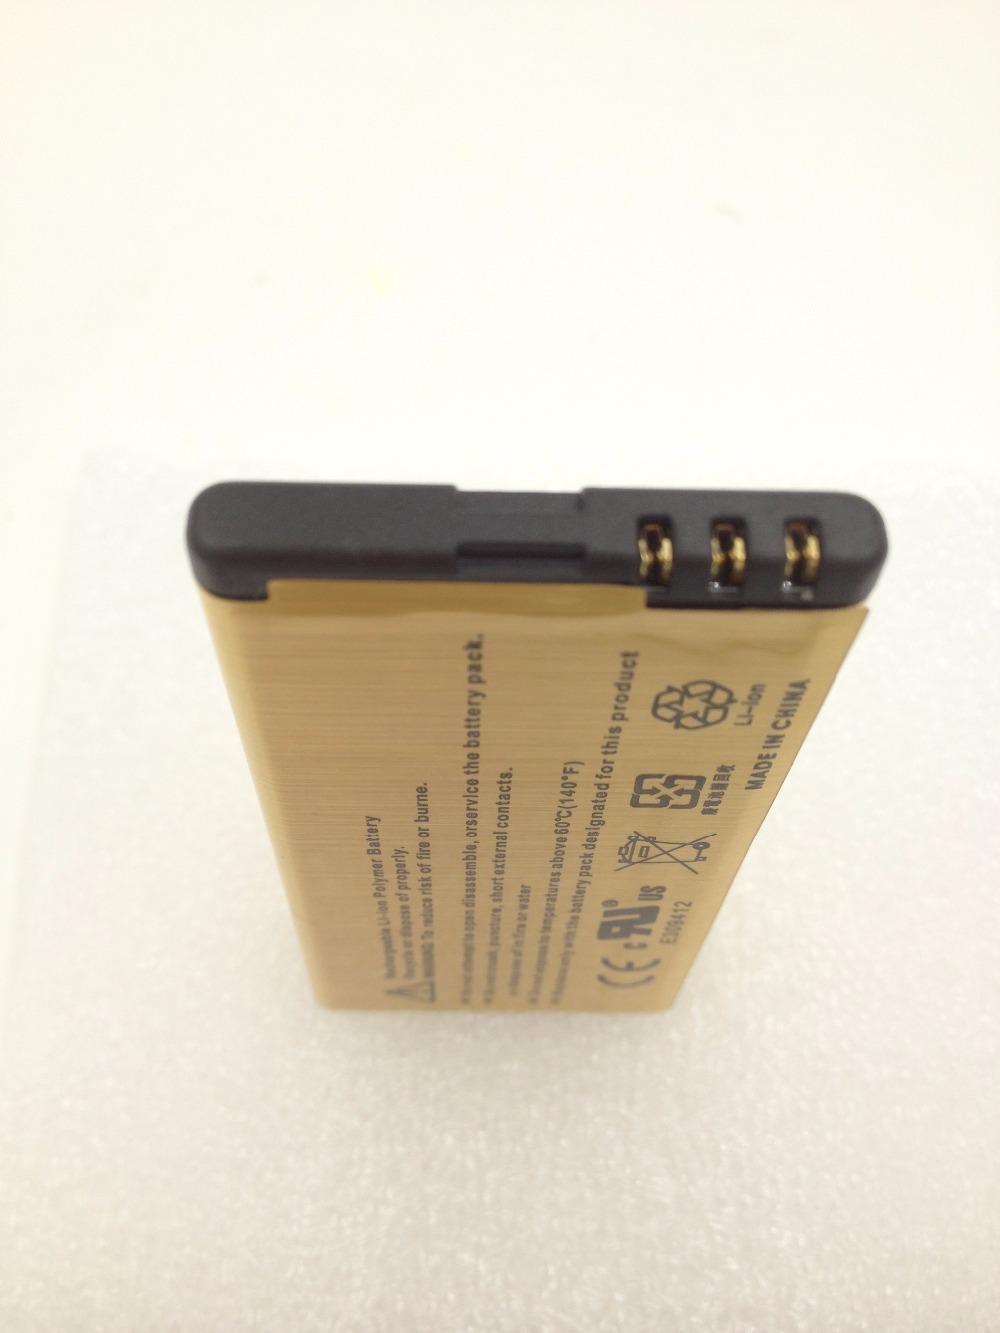 2450mAh BP 5T High Capacity Gold Battery For Nokia Lumia 820 825